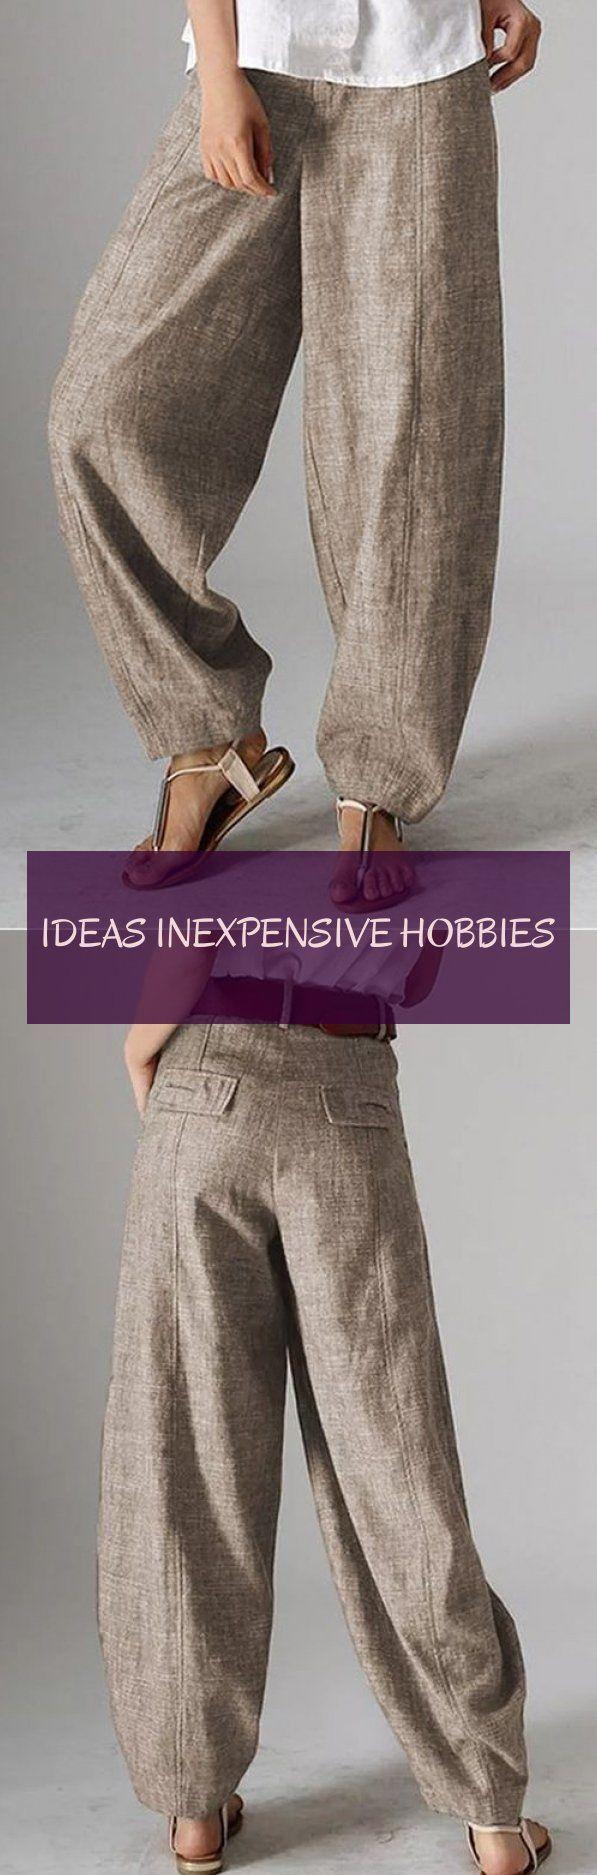 Photo of Ideen billige Hobbys; #Ideas #Inexpensive #Hobbies 24.09.2019 – #hobbies # …